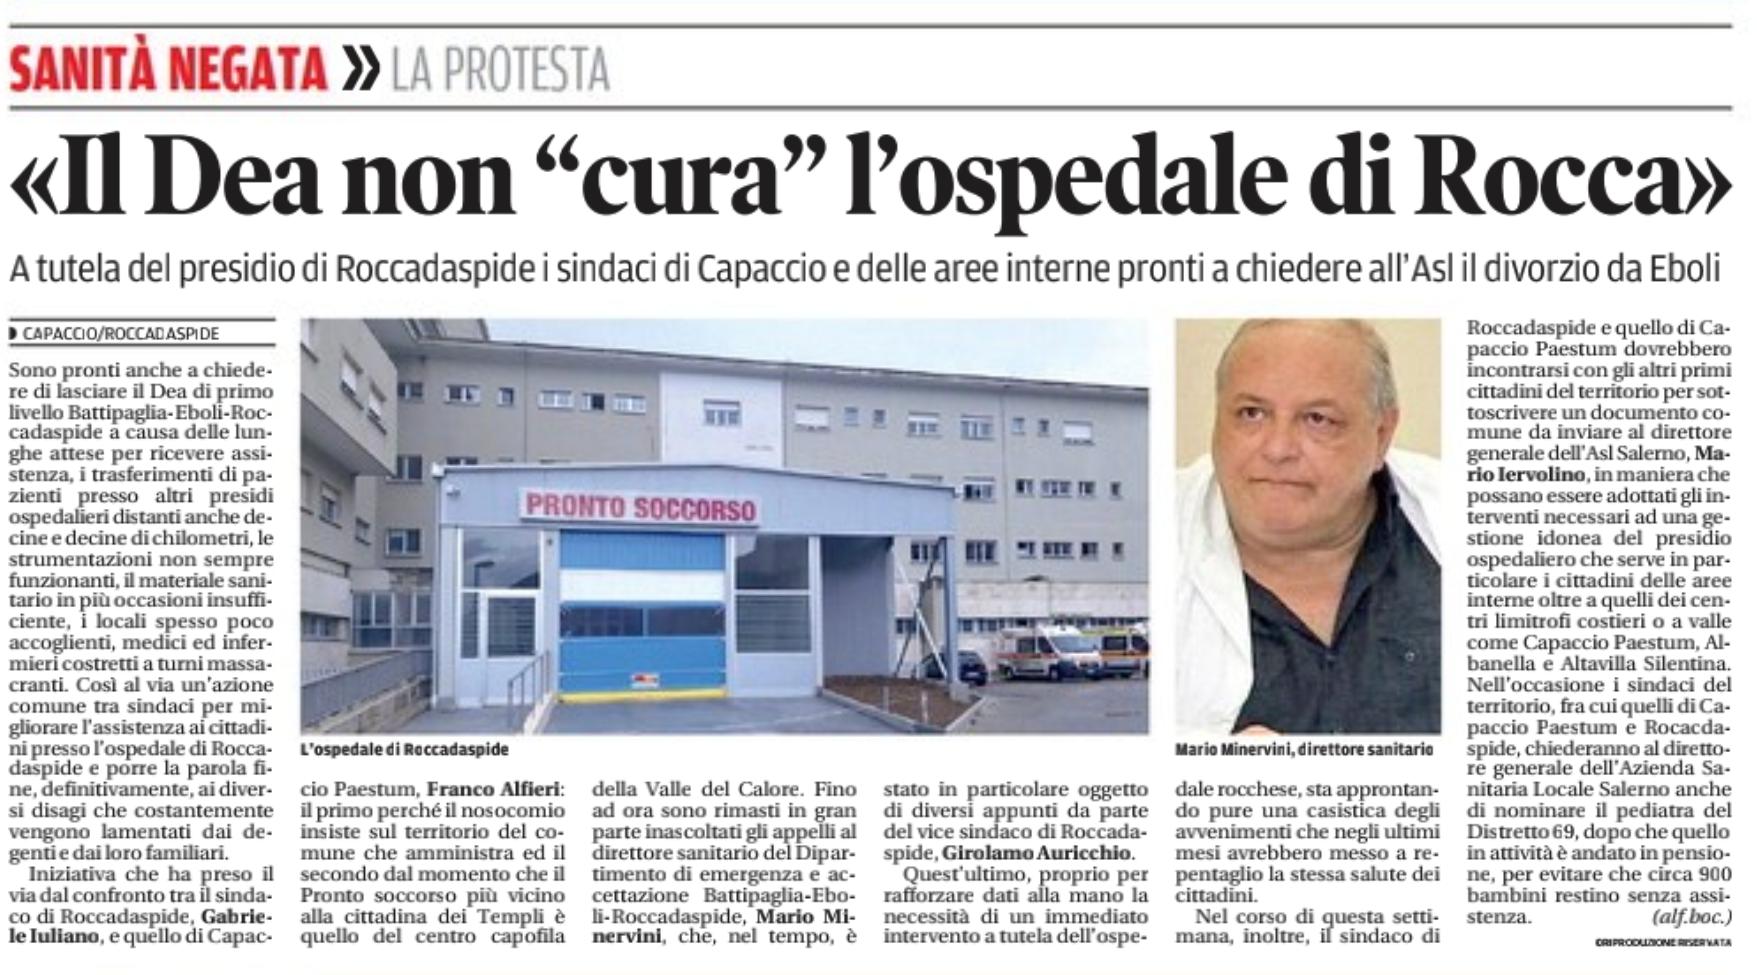 Il DEA non cura ospedale di Roccadaspide